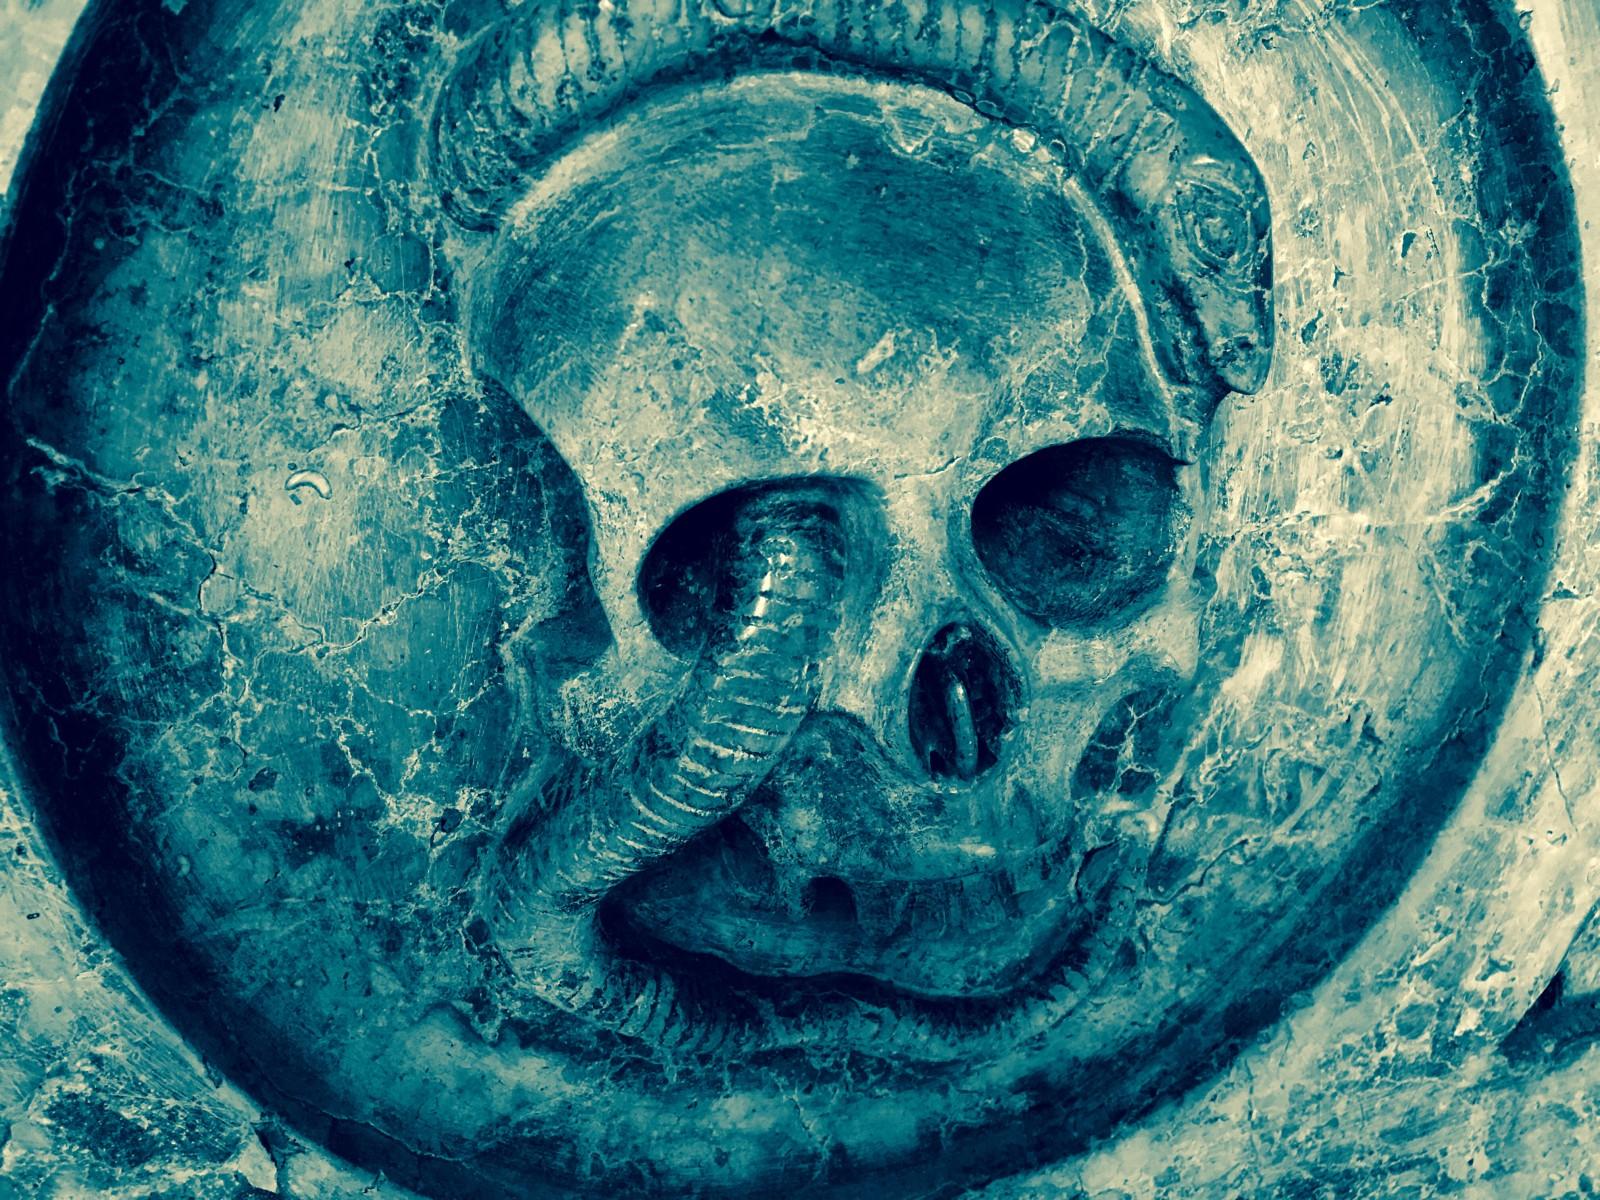 Der Tod und die Vergänglichkeit sind ständige Begleiter am Friedhof St. Sebastian